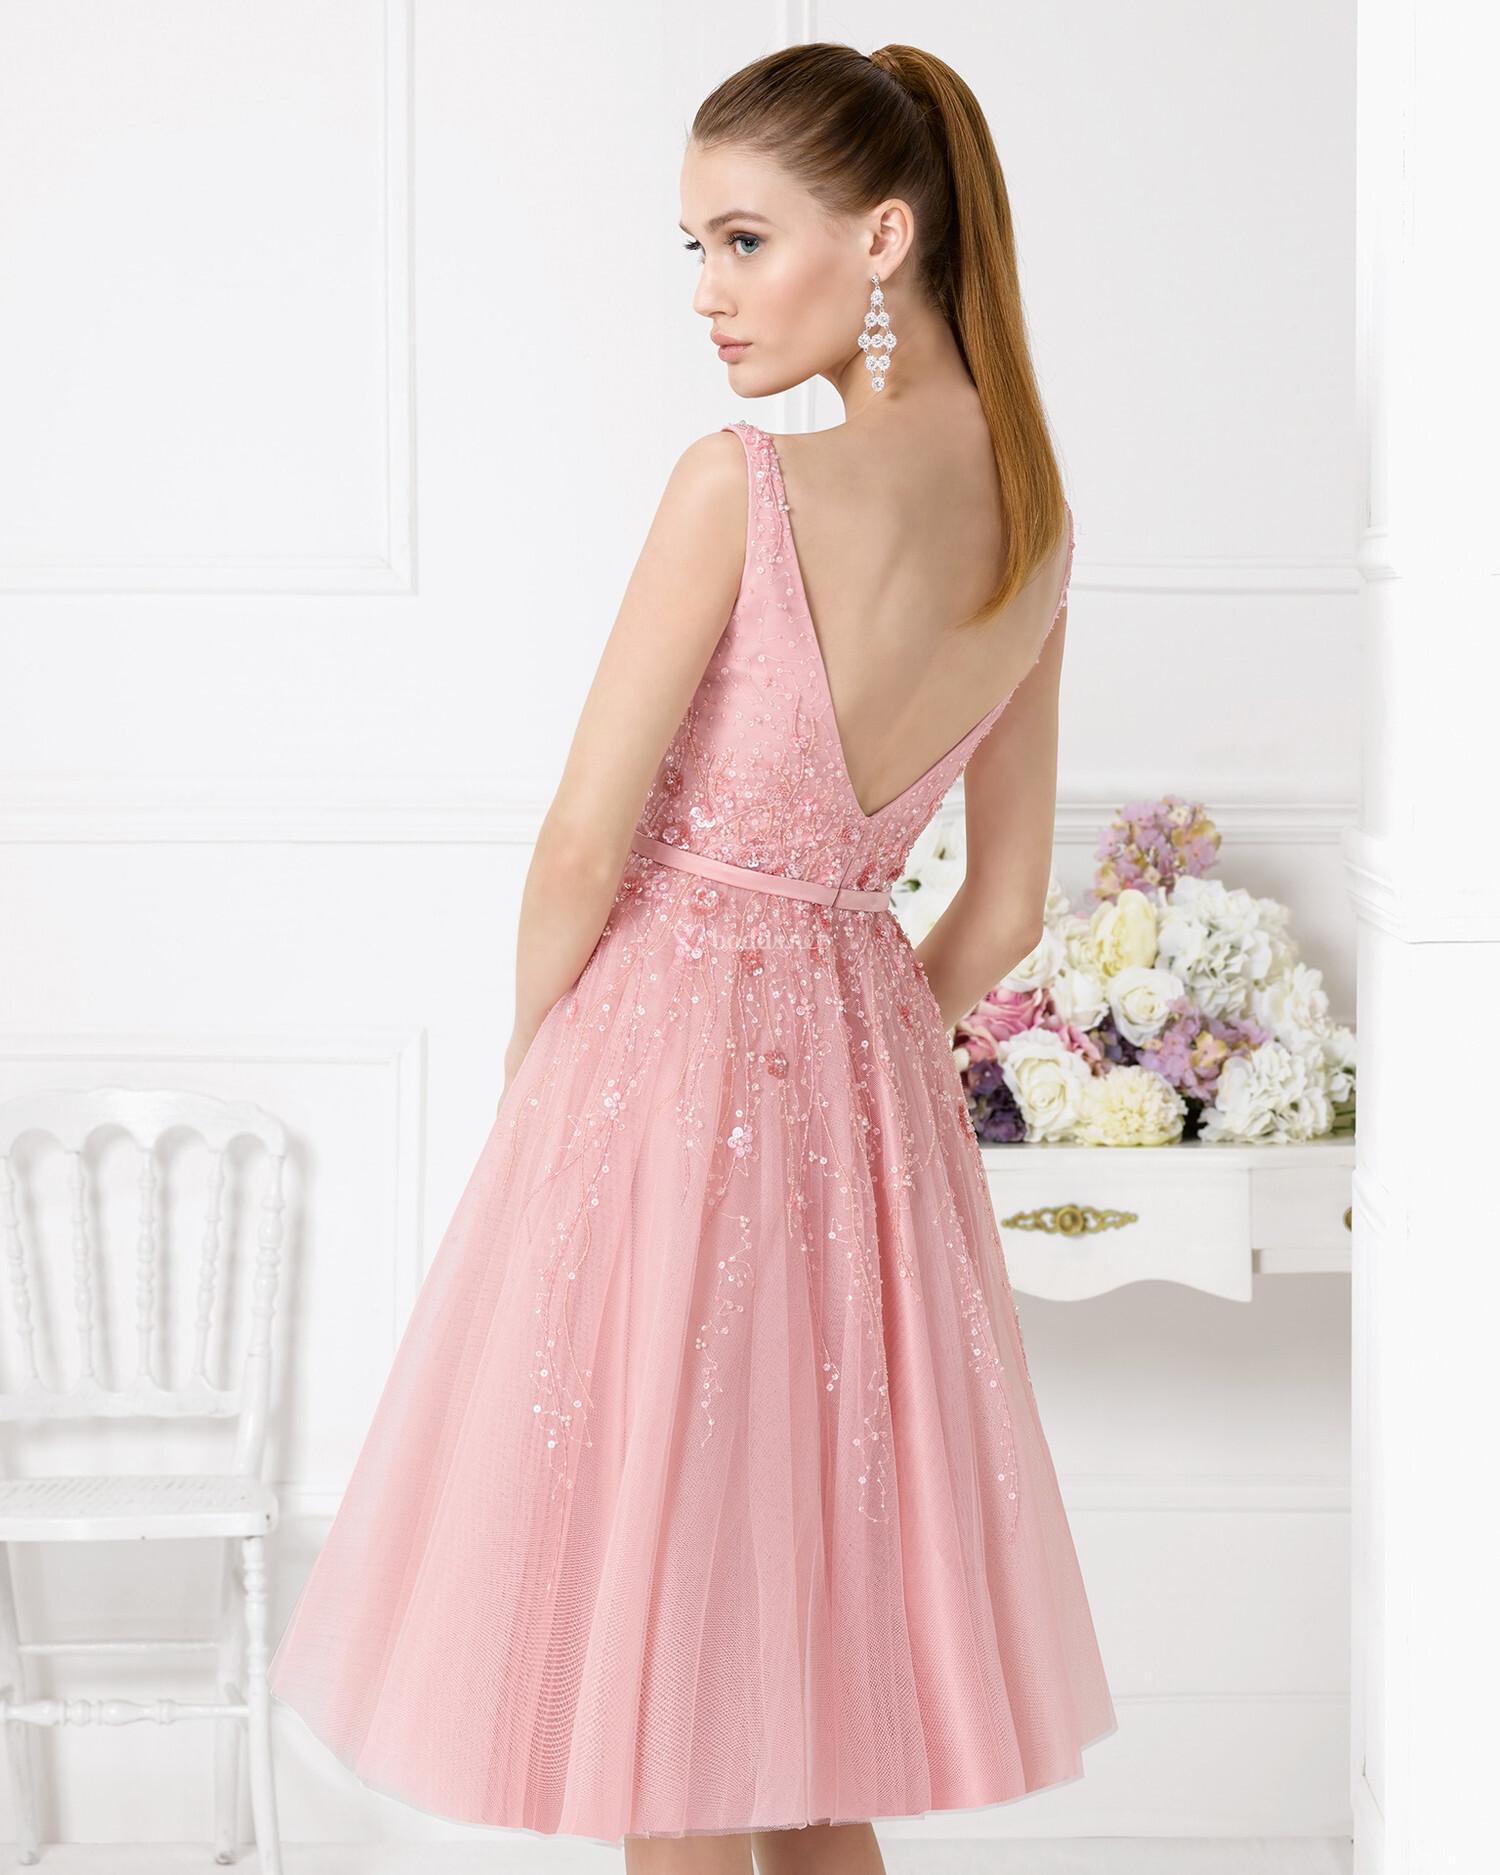 Precio de vestidos de fiesta aire barcelona – Vestidos de noche ...